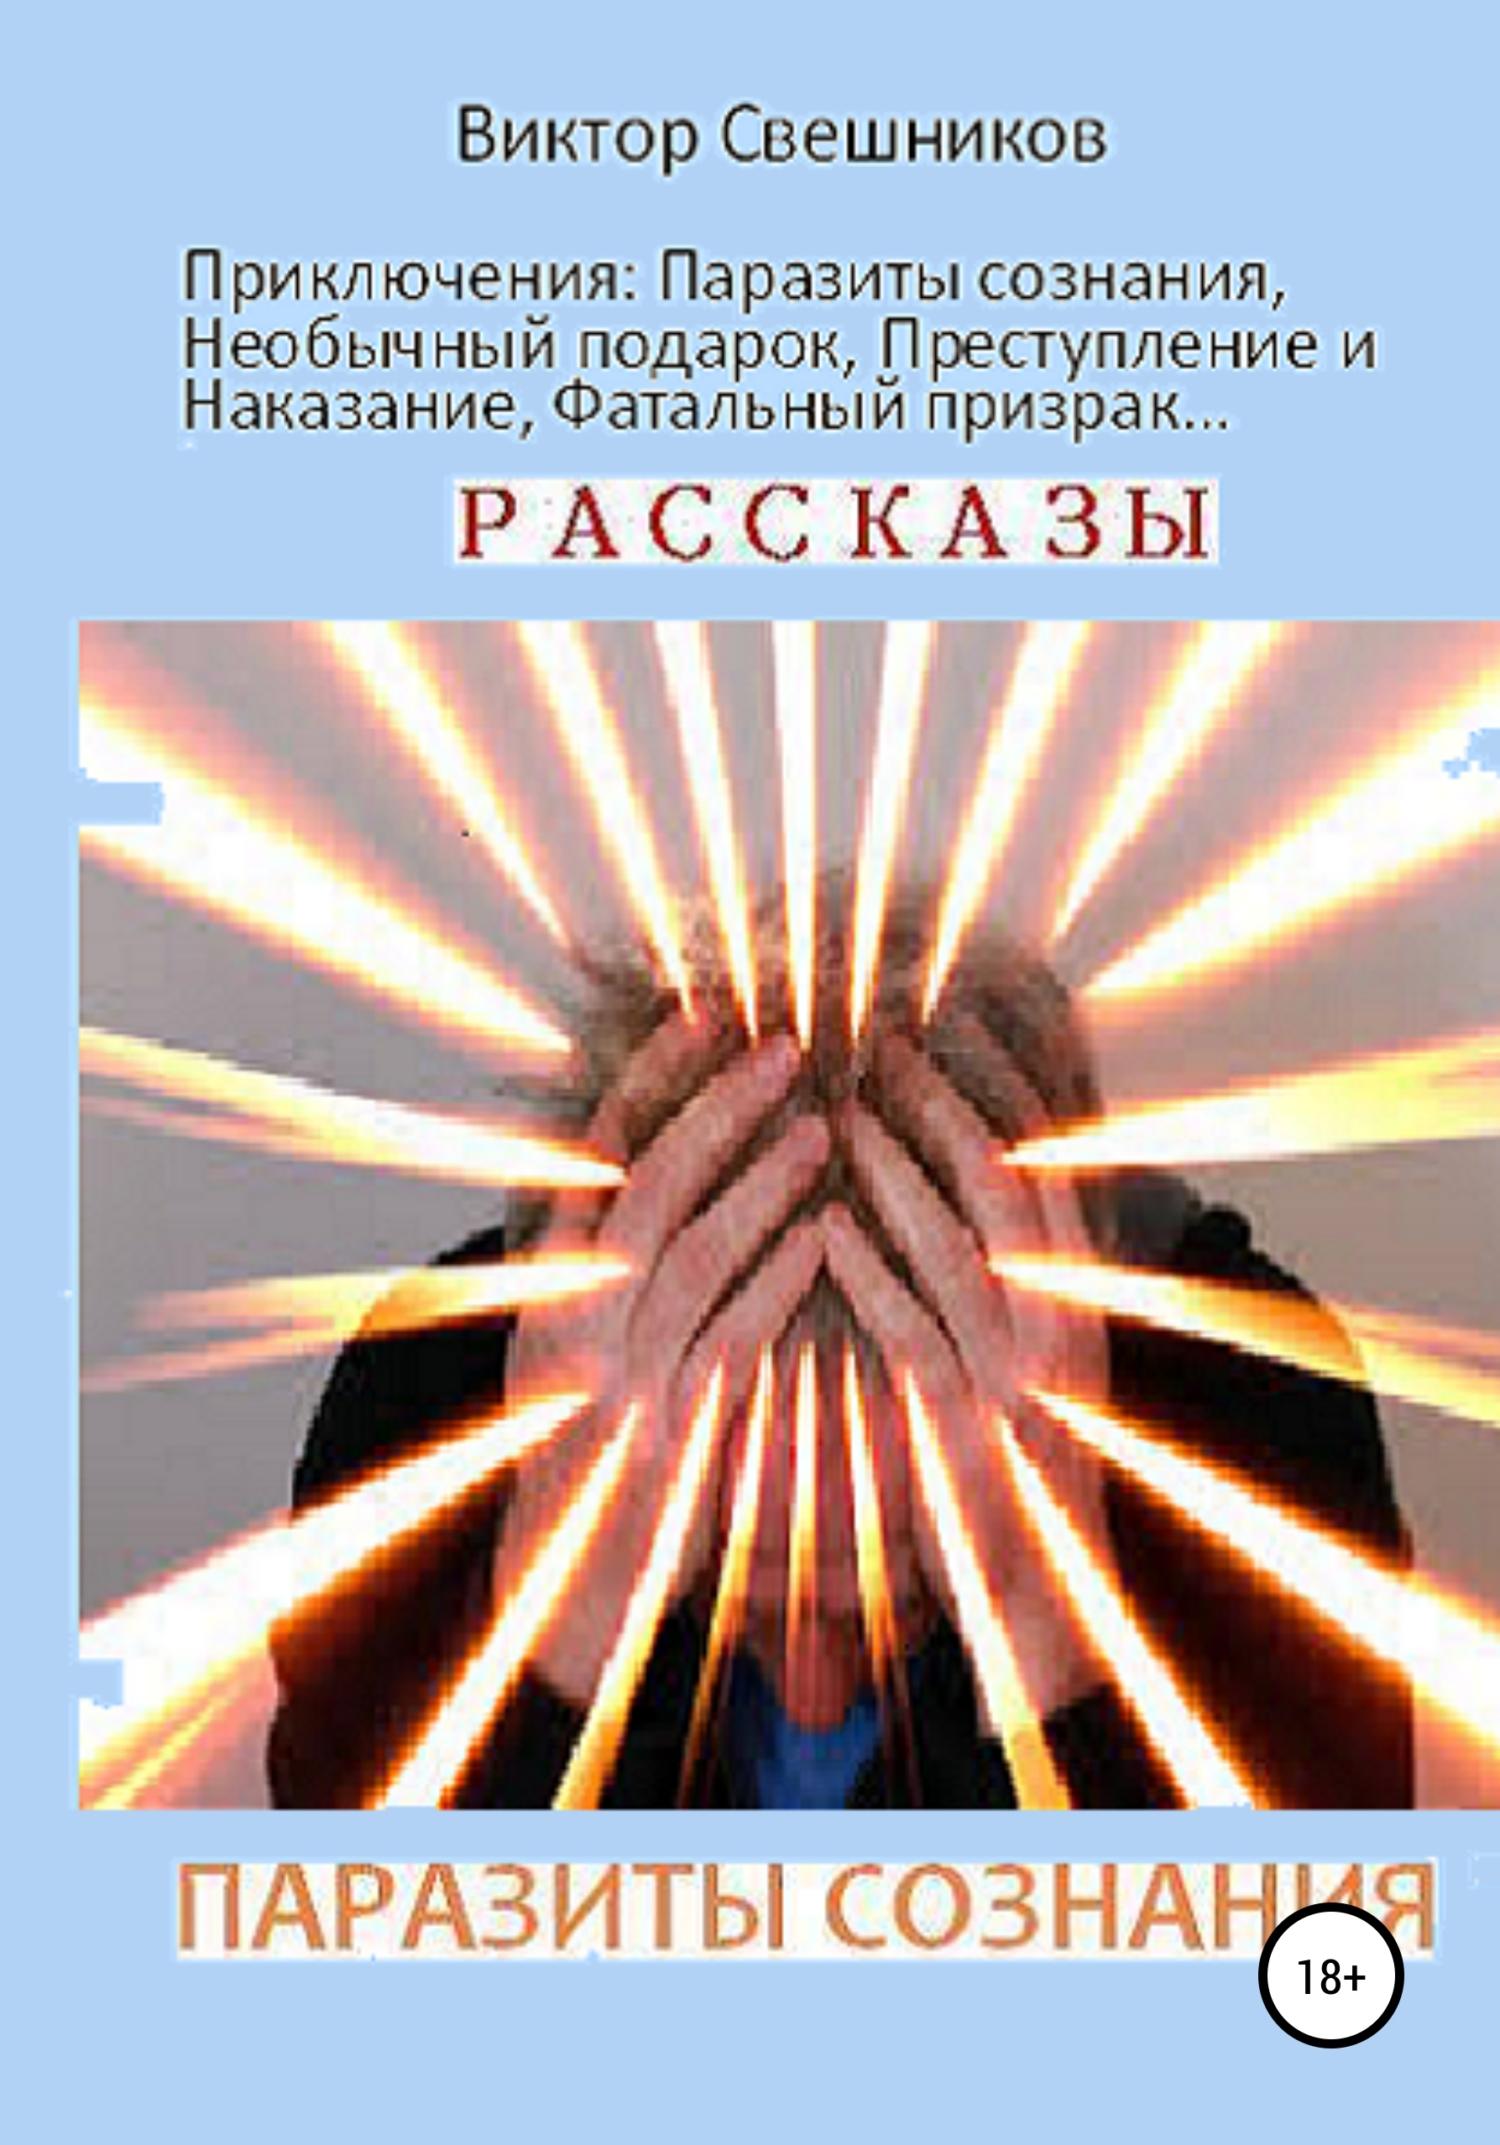 Виктор Иванович Свешников Паразиты сознания скачать книгу паразиты сознания